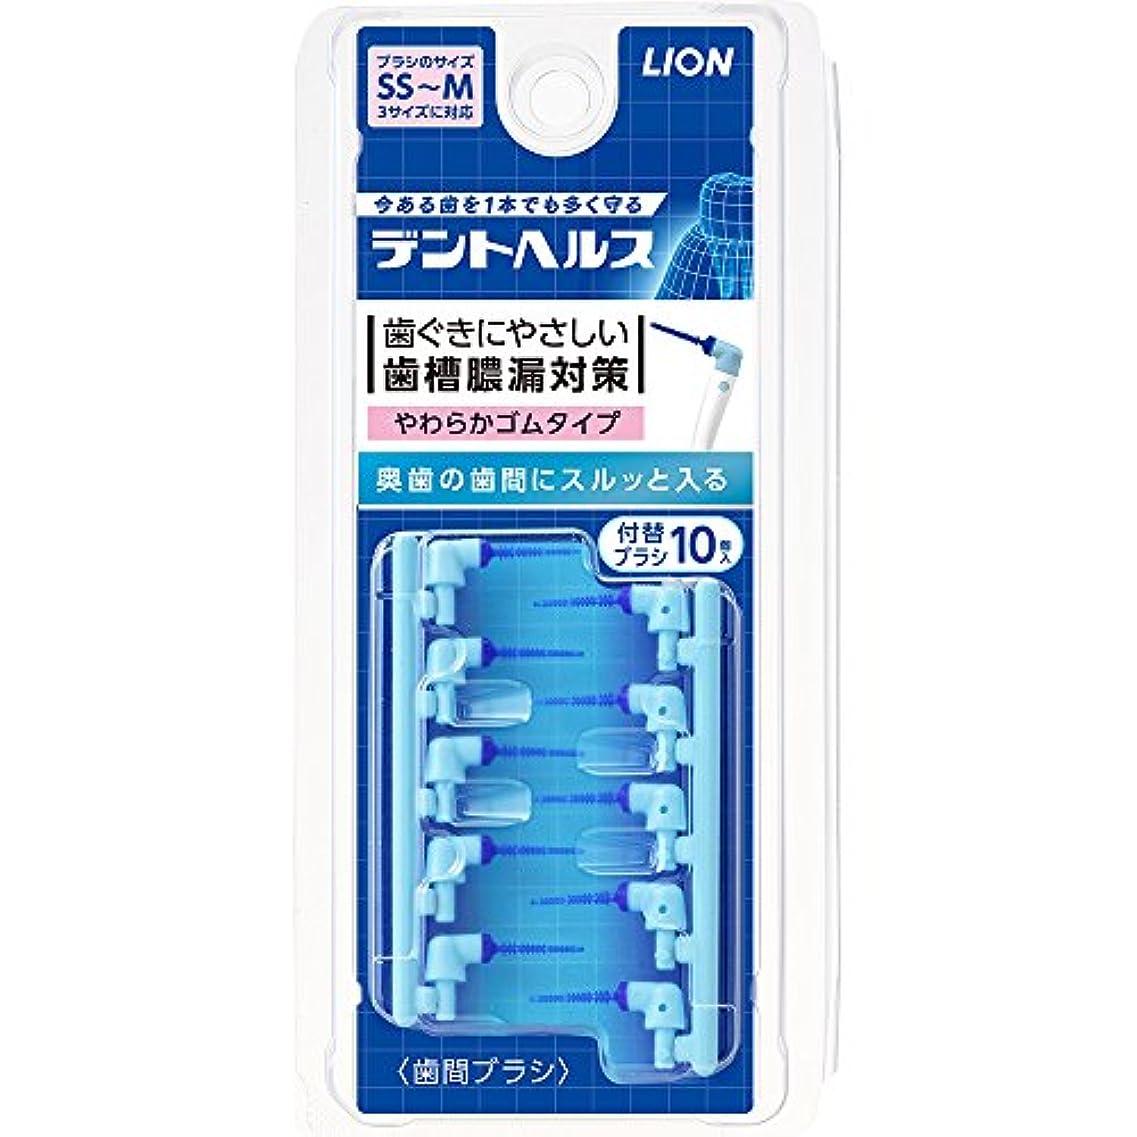 接ぎ木信者陸軍歯槽膿漏予防に デントヘルス 歯間ブラシ 付替用